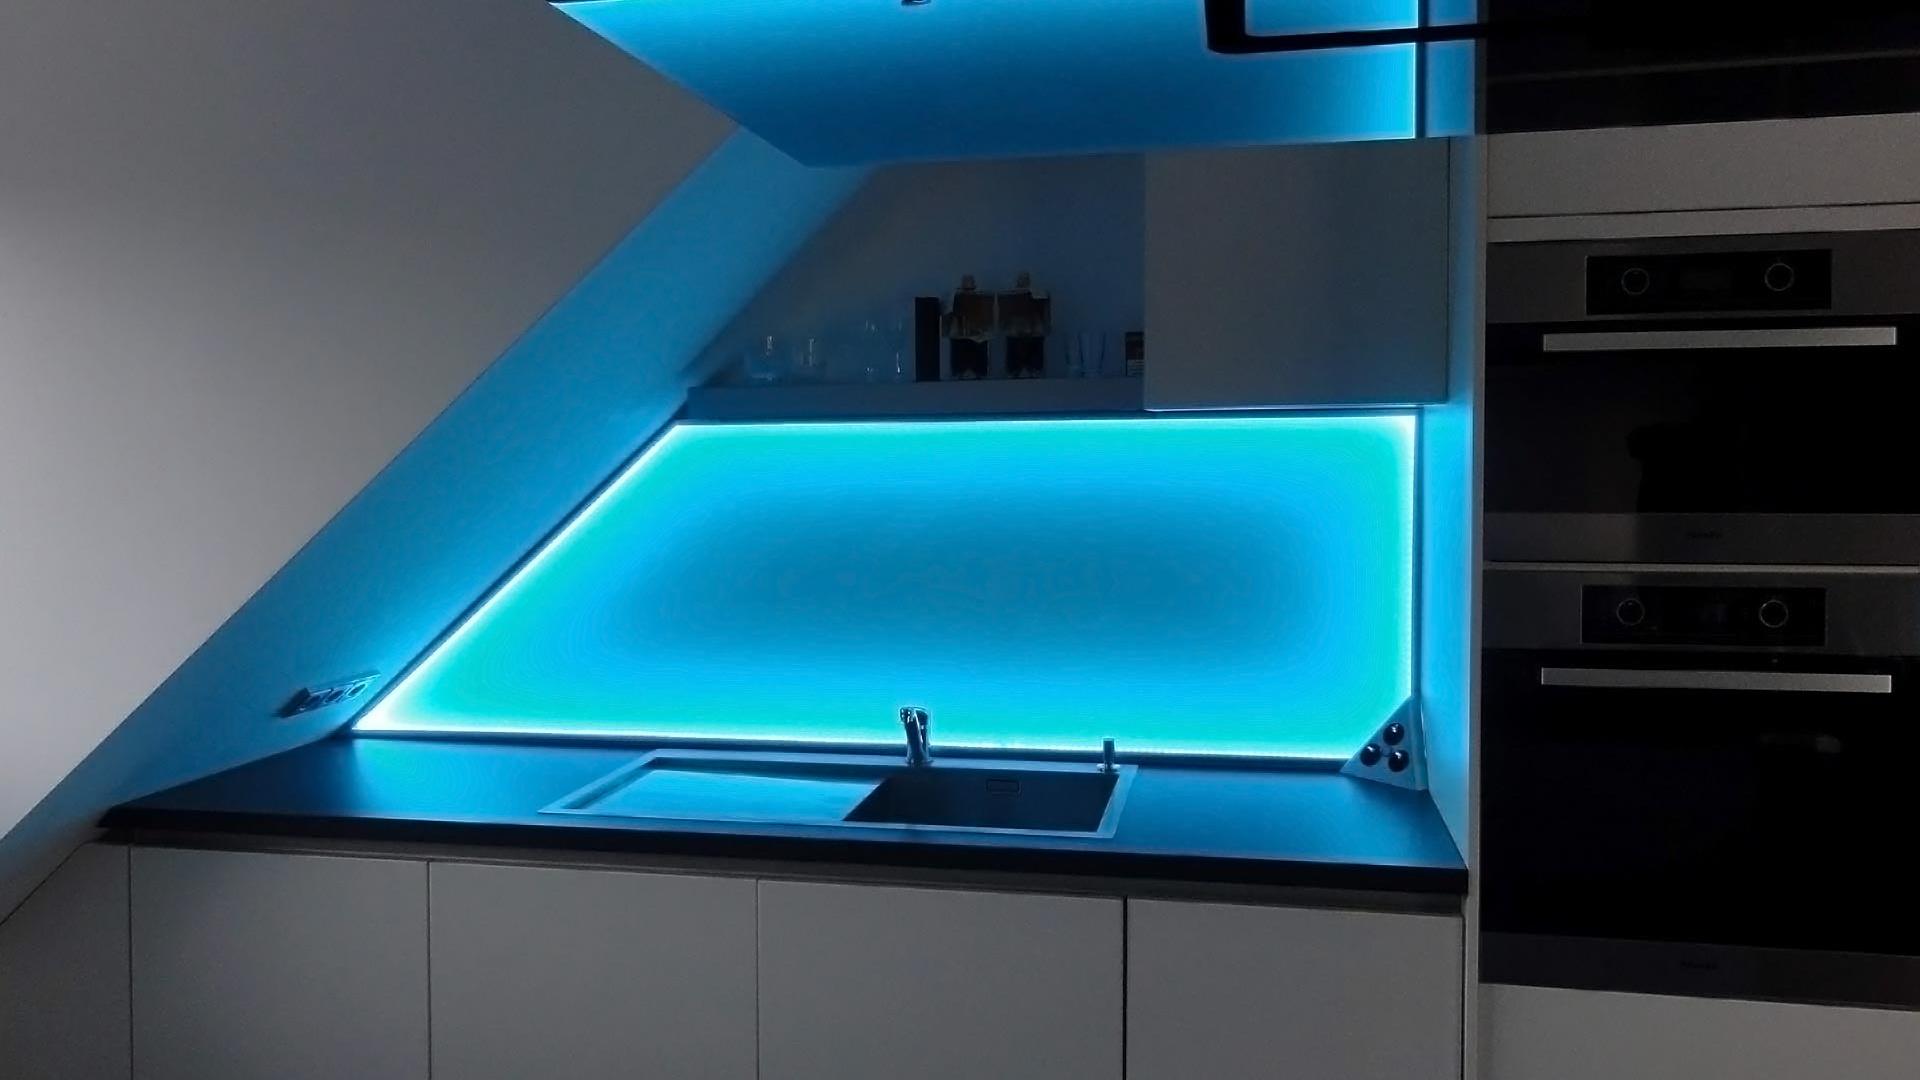 glasrückwand als küchenrückwand und für duschenwände - glas voit ... - Glasrückwand Küche Beleuchtet